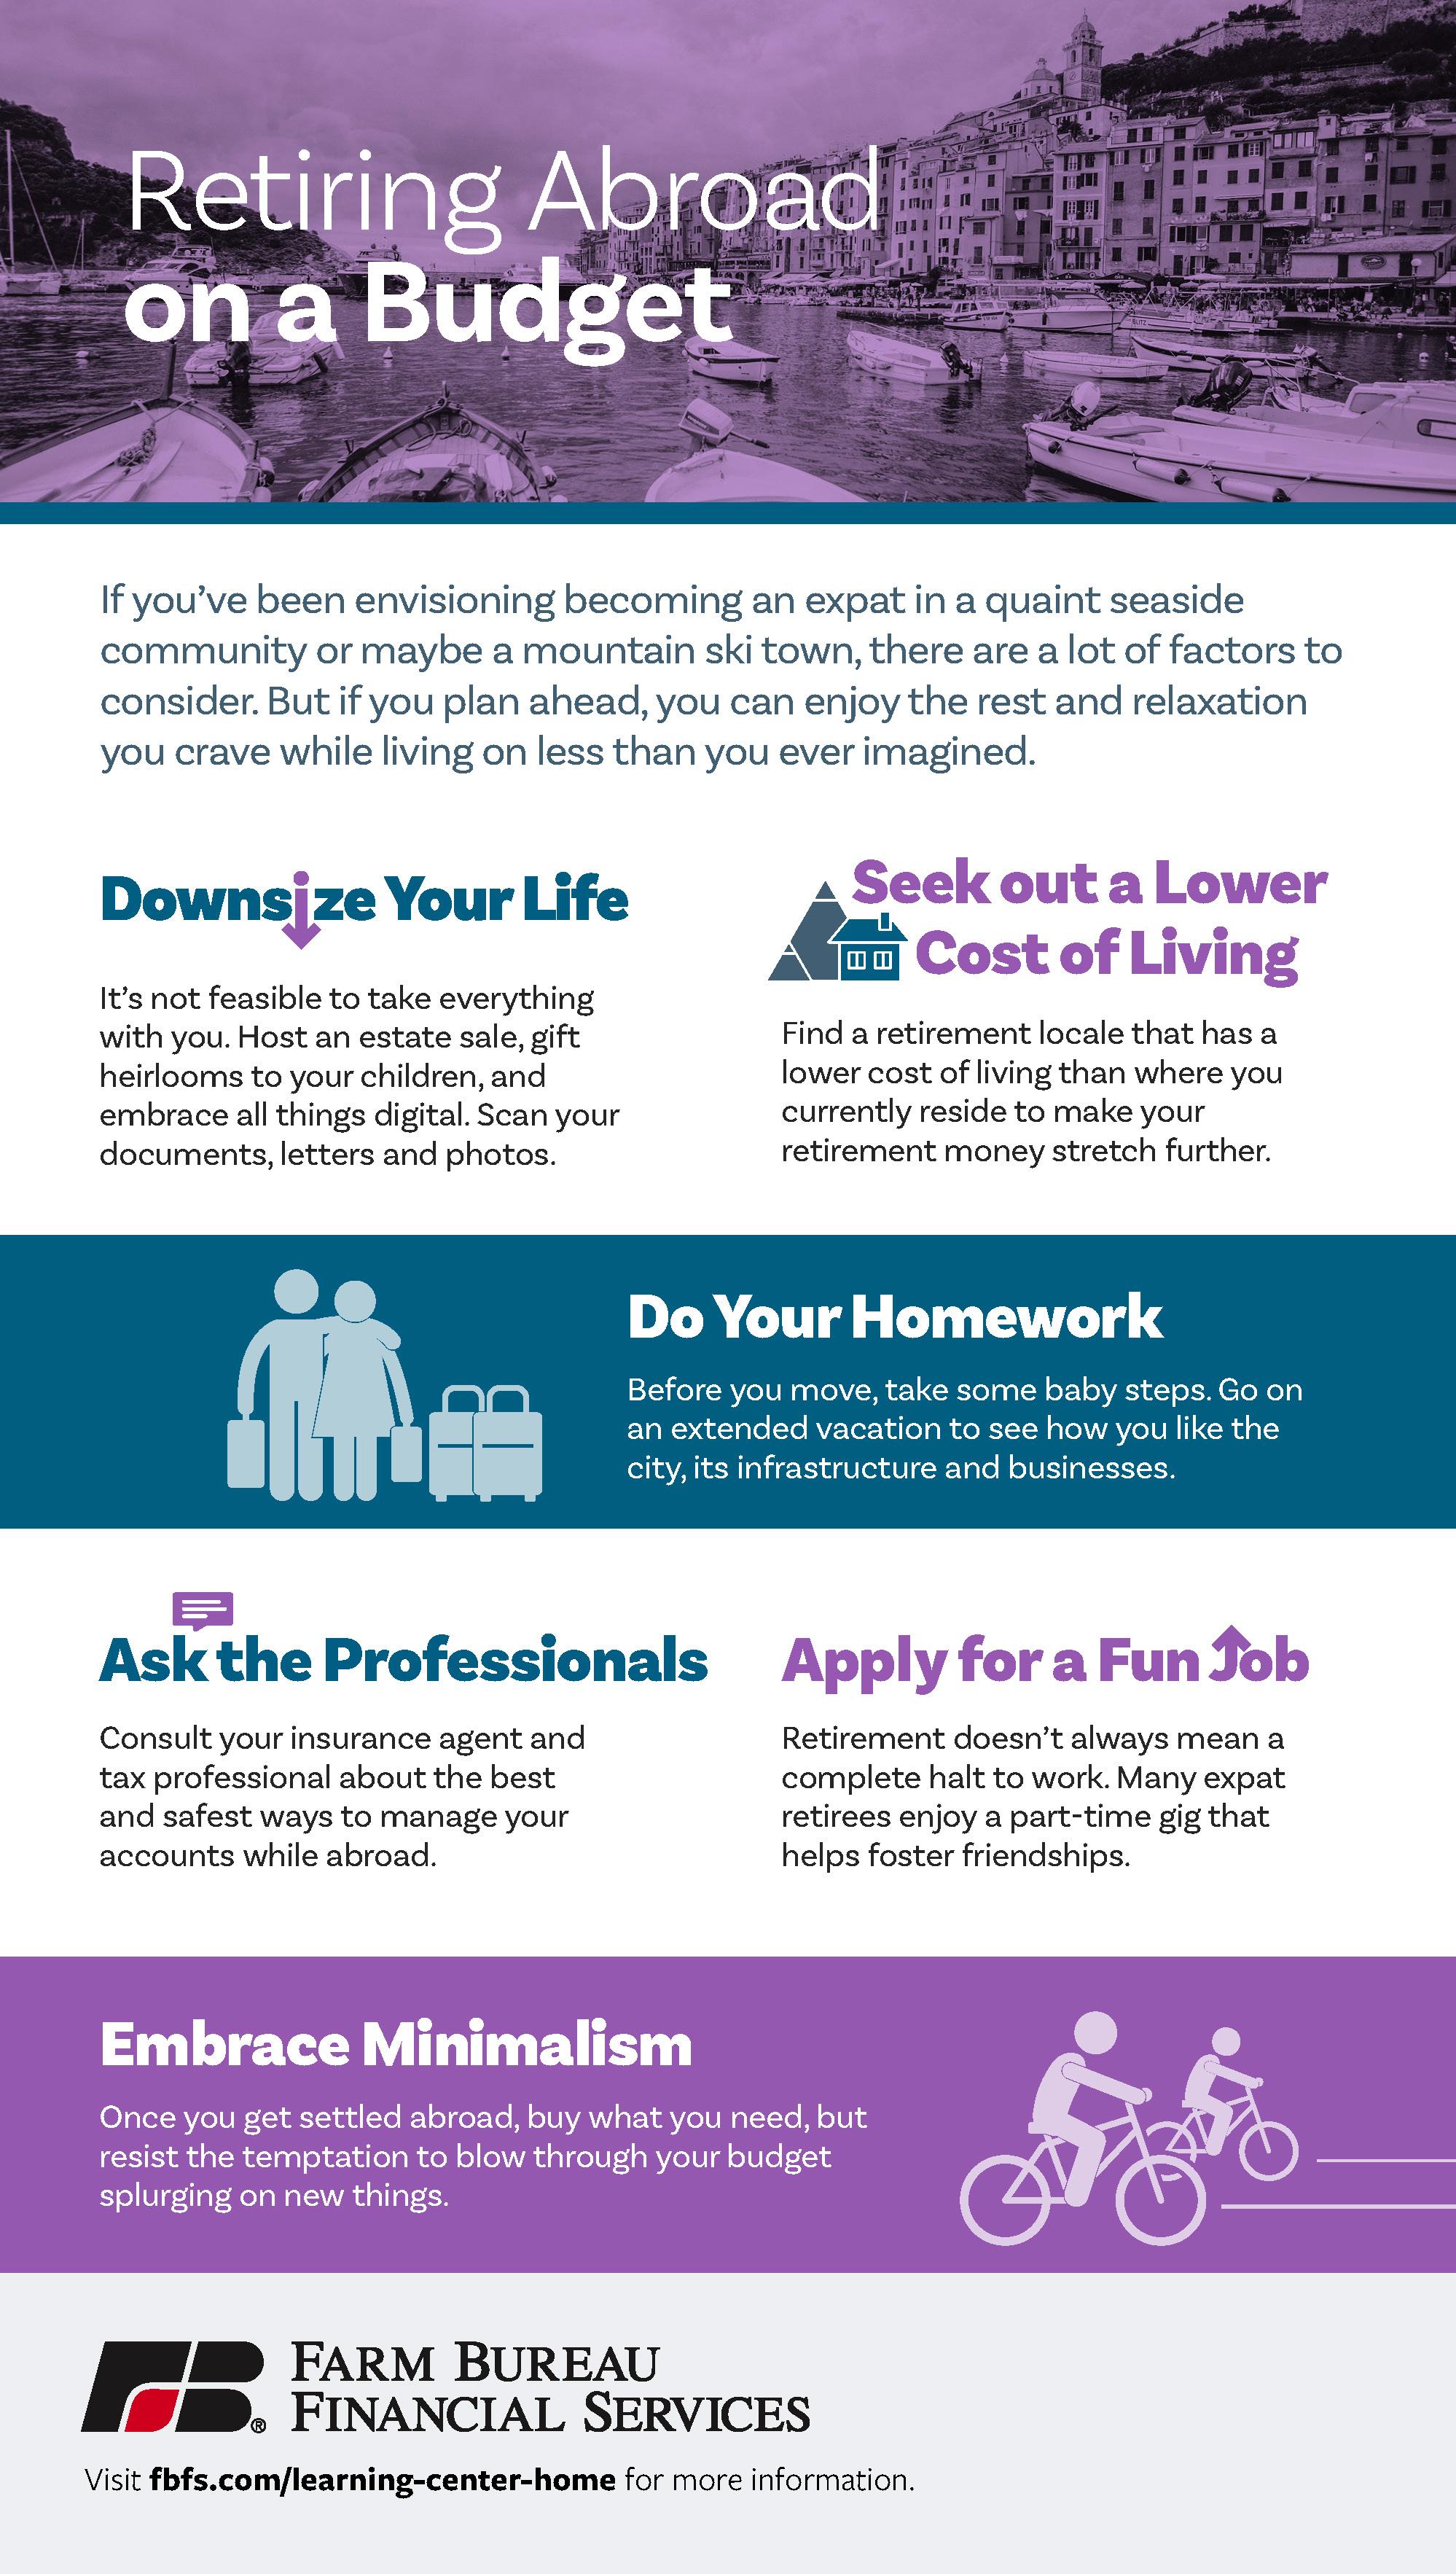 Retiring Abroad [infograpgic]